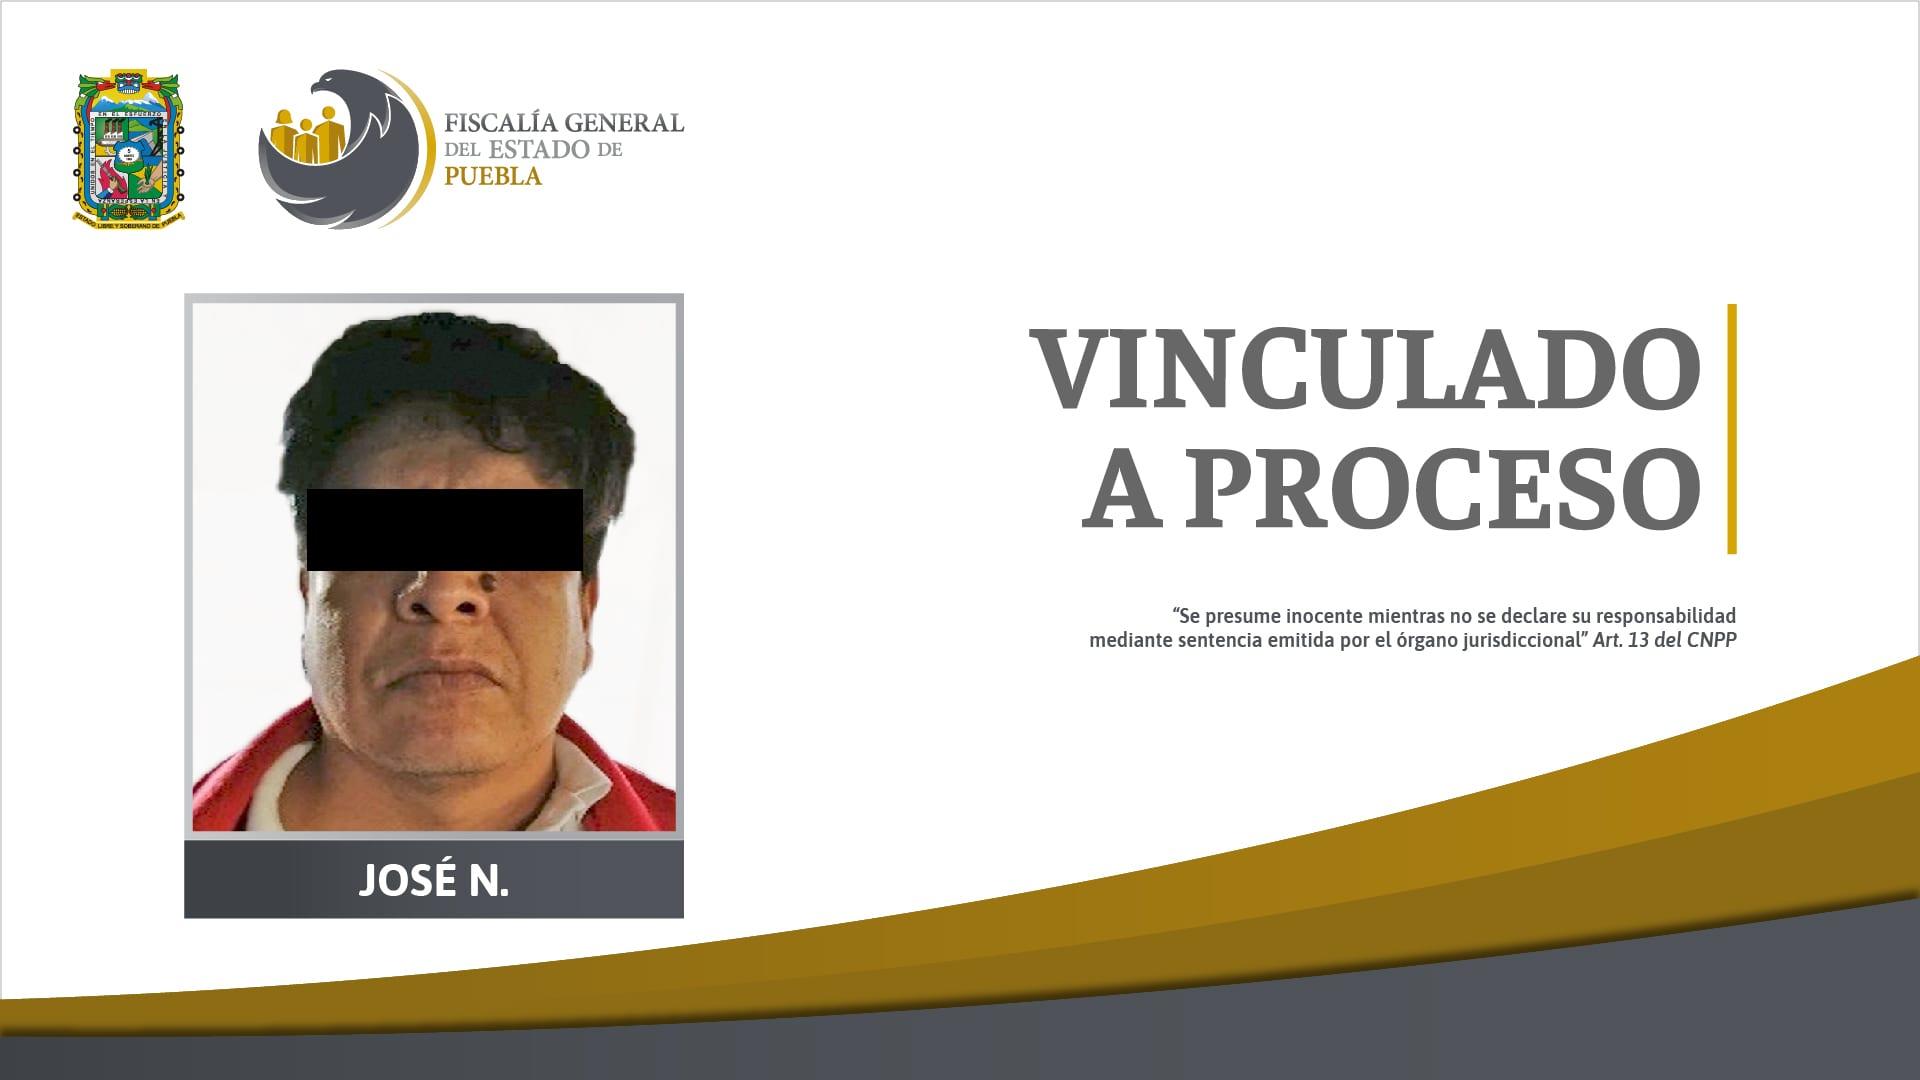 Presunto tratante vinculado a proceso y con prisión preventiva